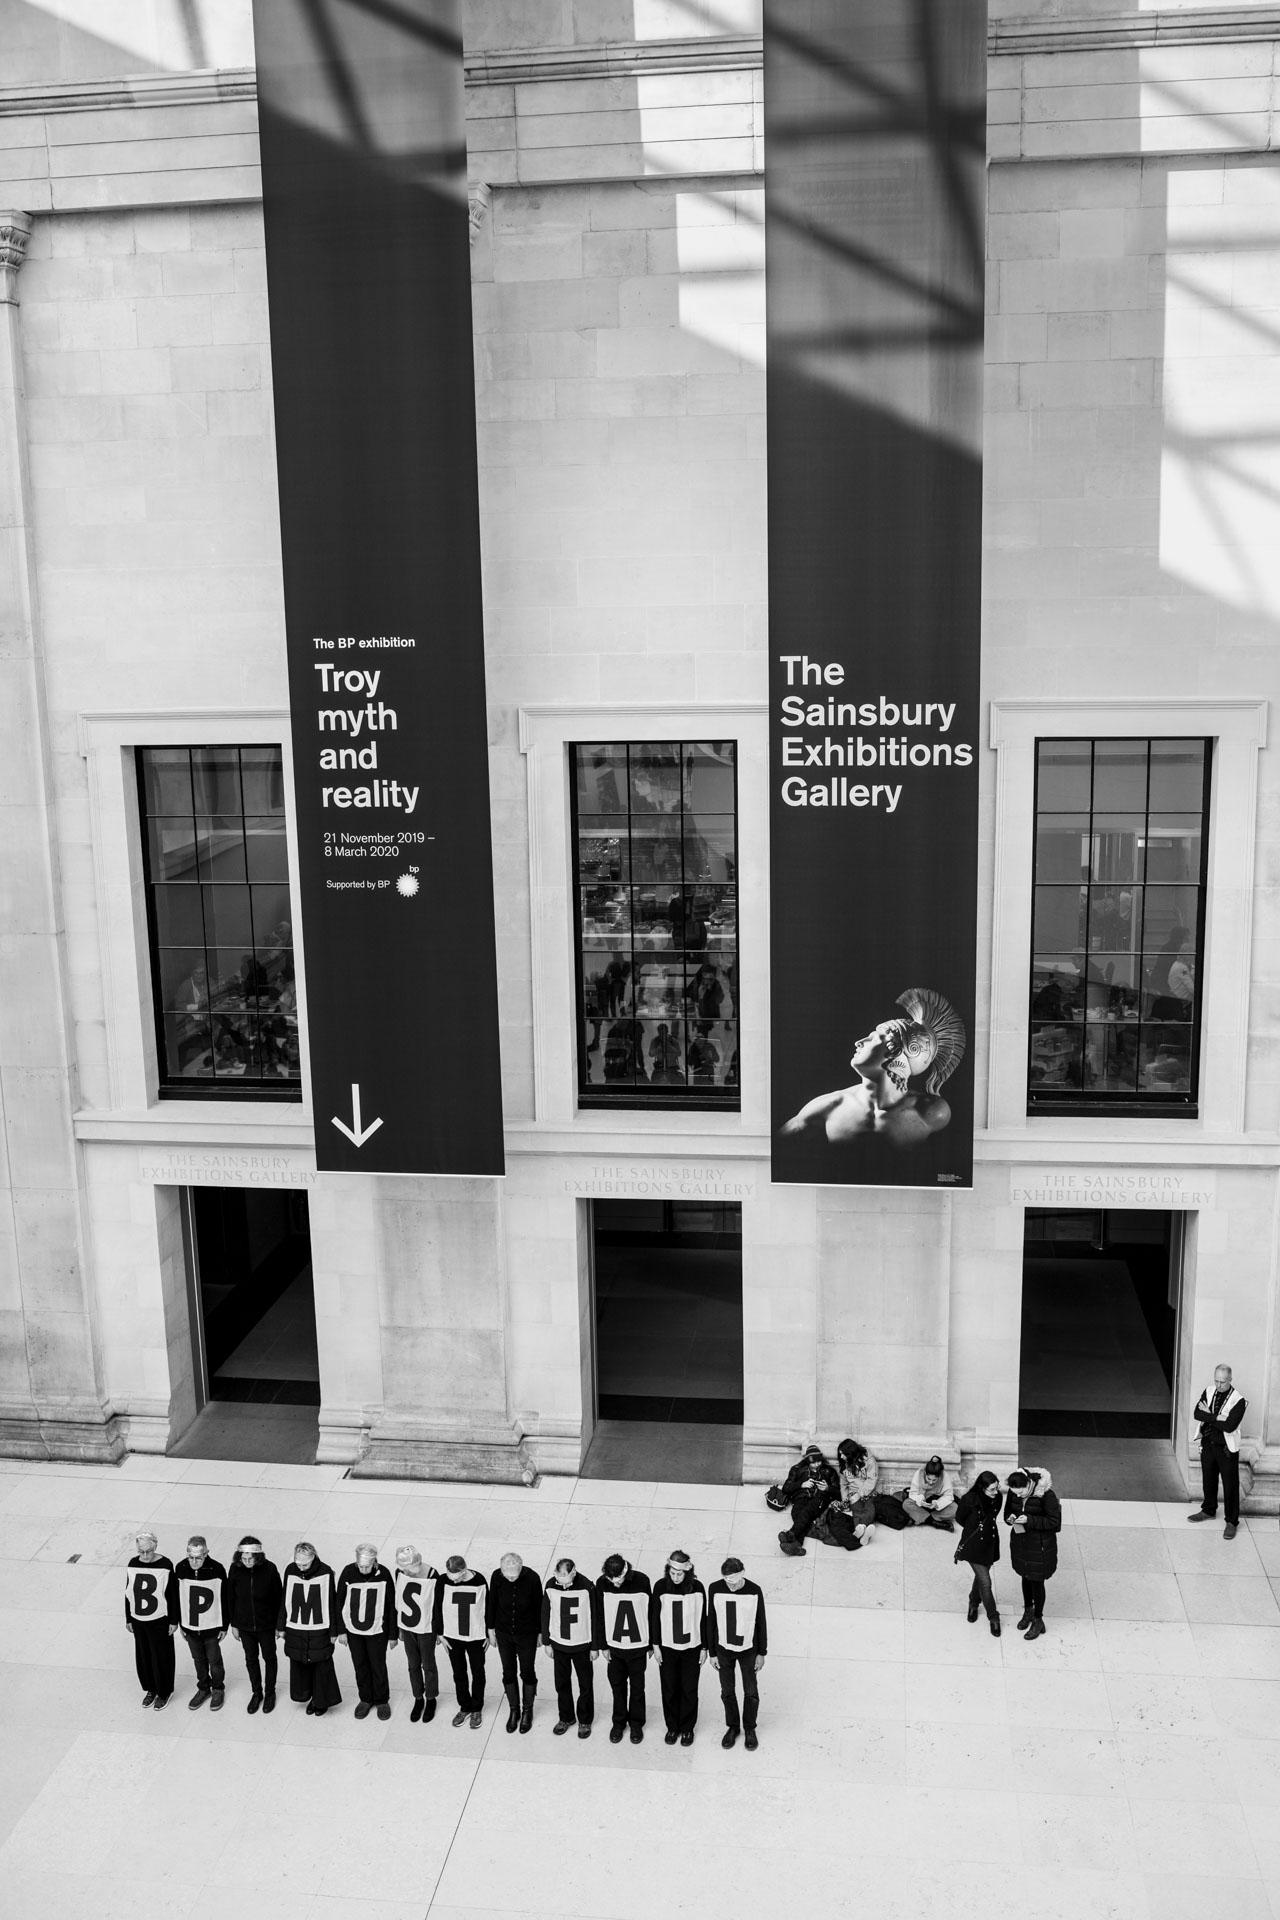 British Museum BP Must Fall